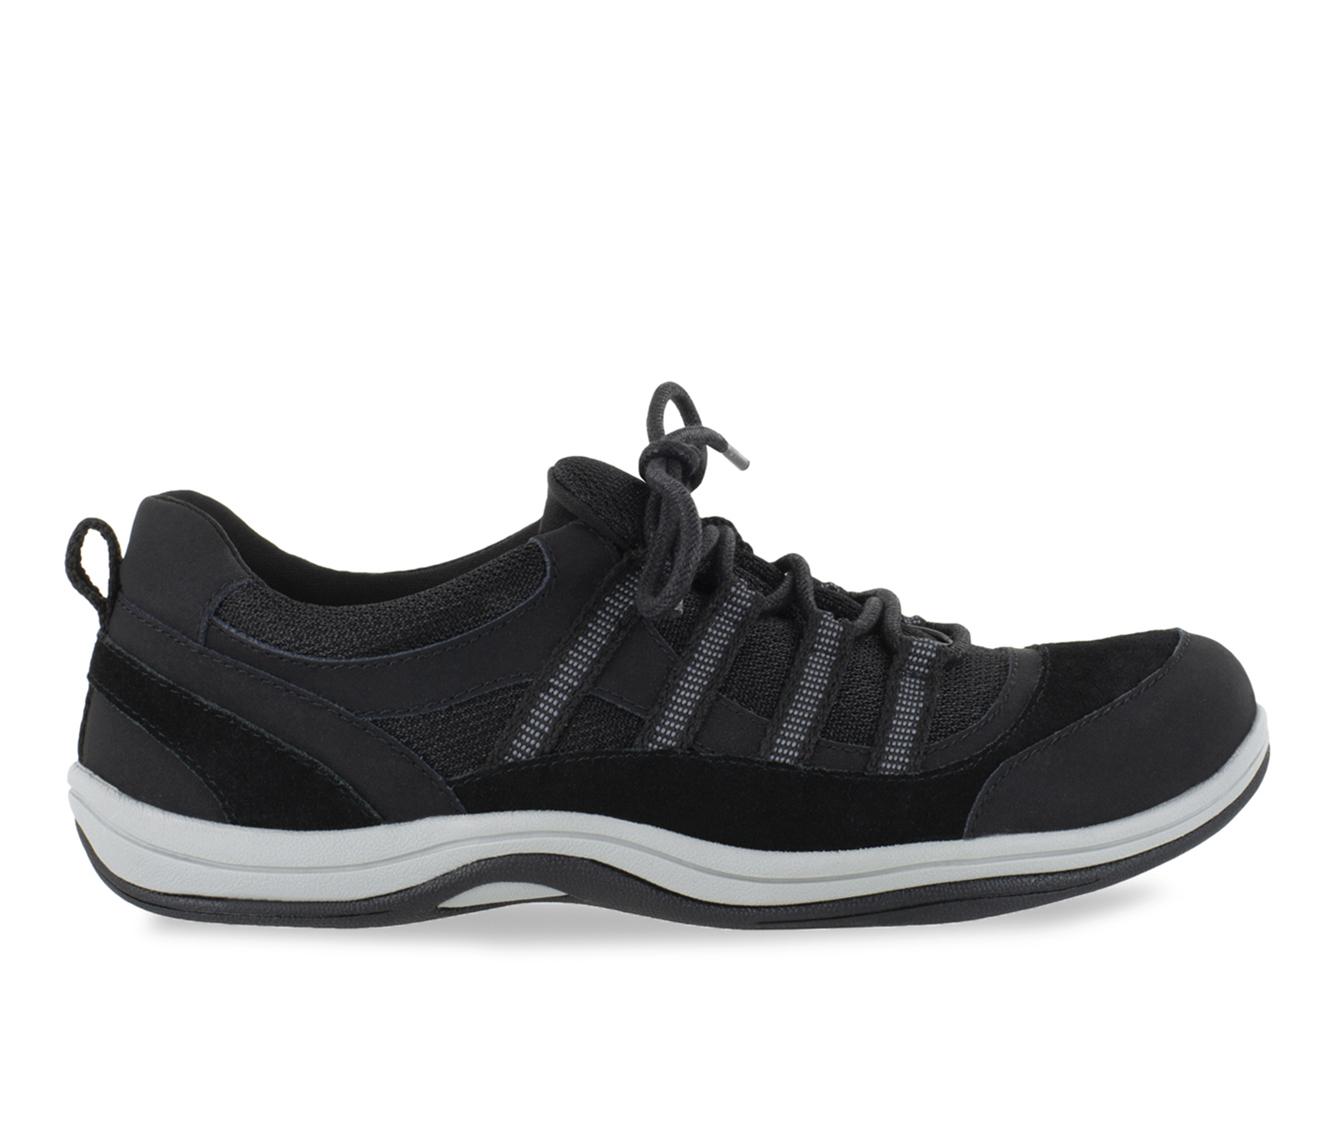 Easy Street Merrimack Women's Shoe (Black Leather)